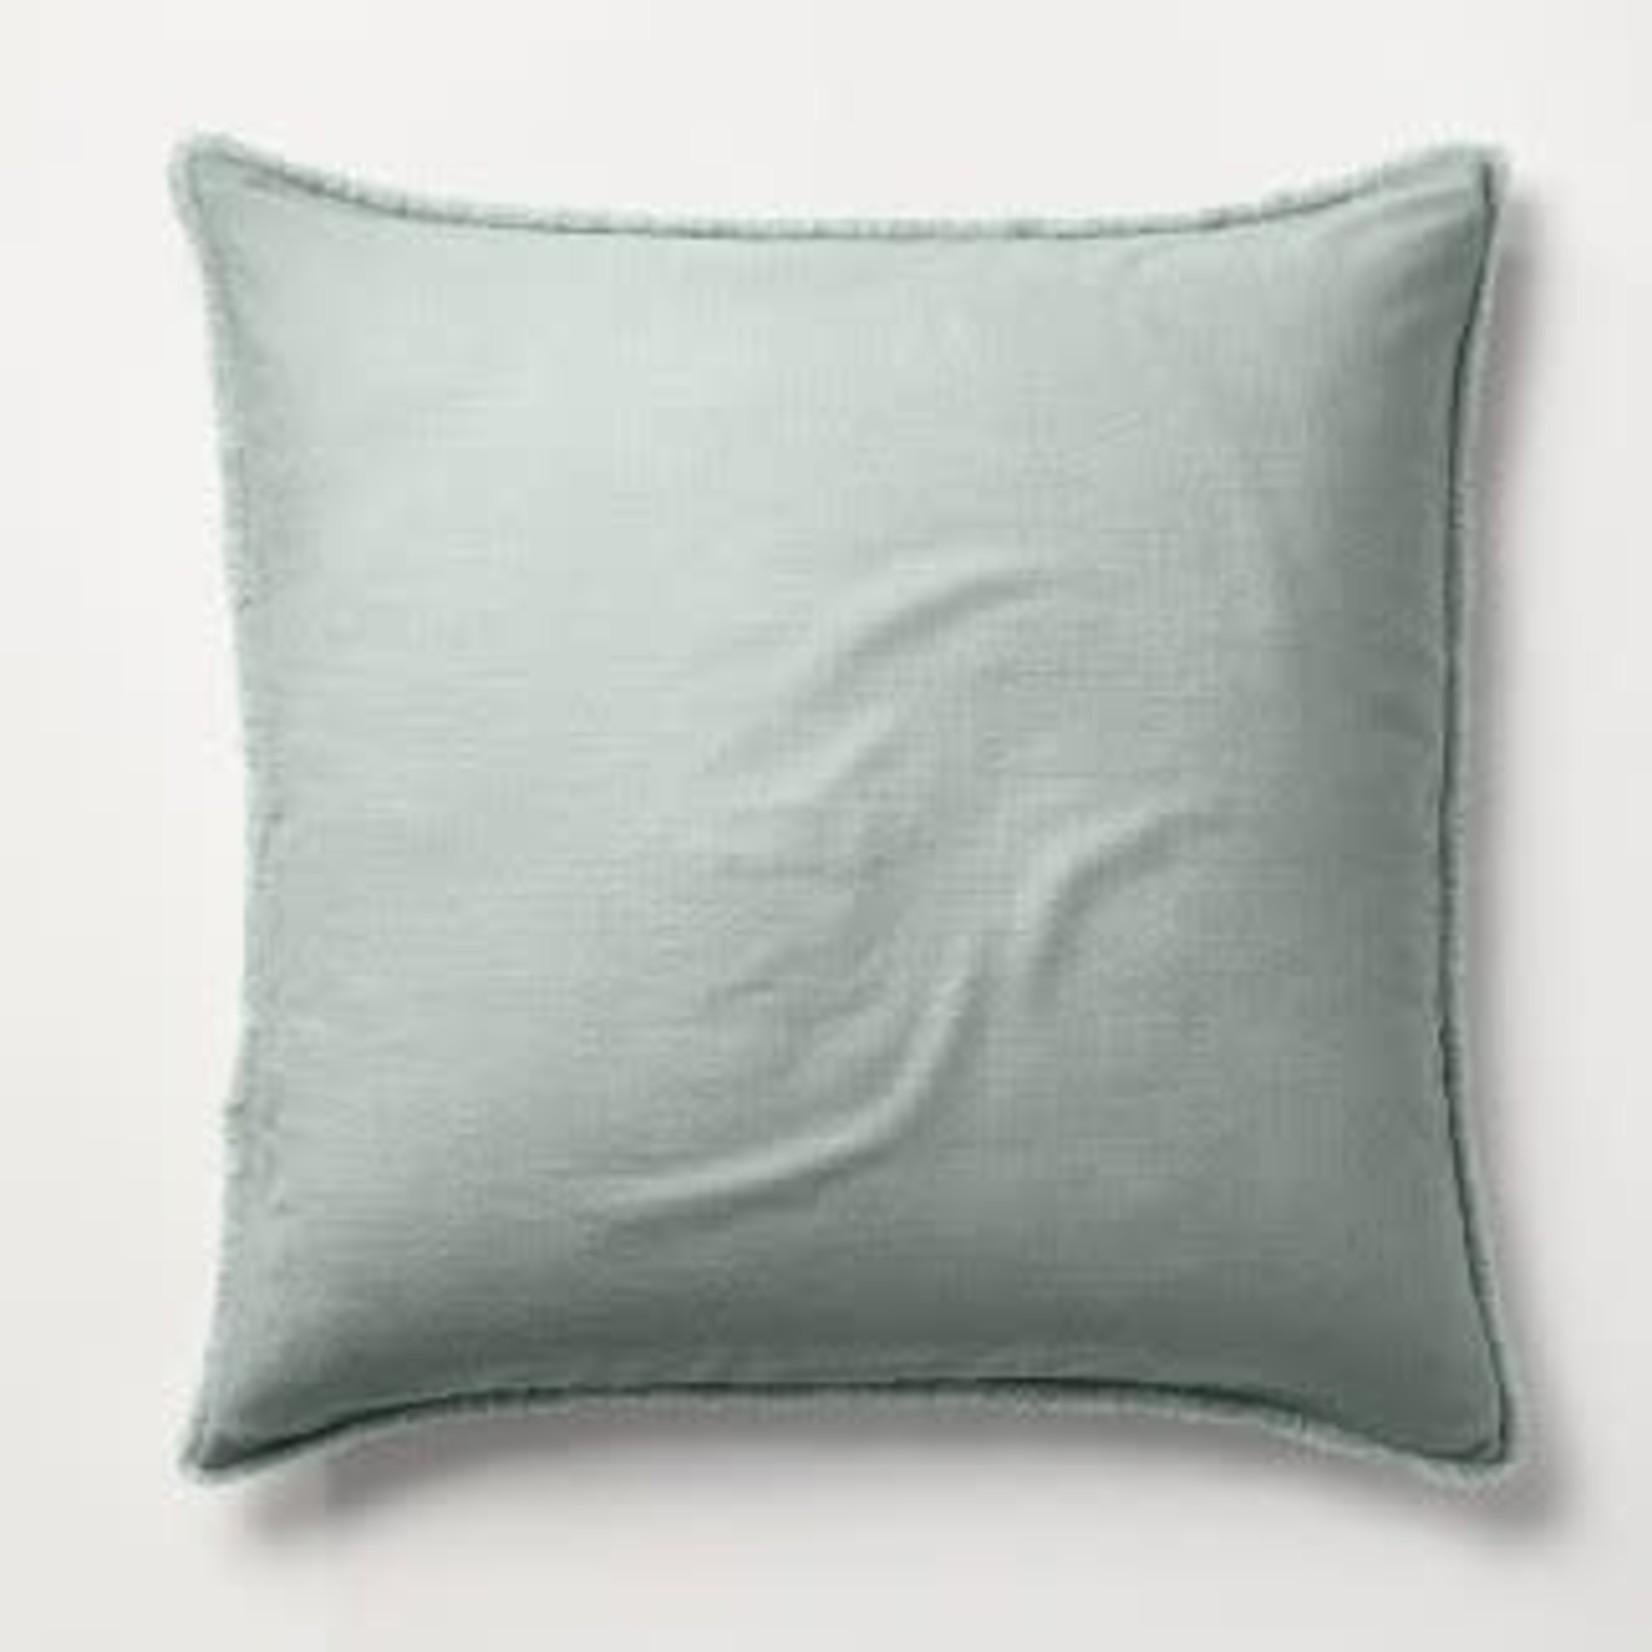 Heavyweight Linen Blend Comforter Sham - Casaluna™